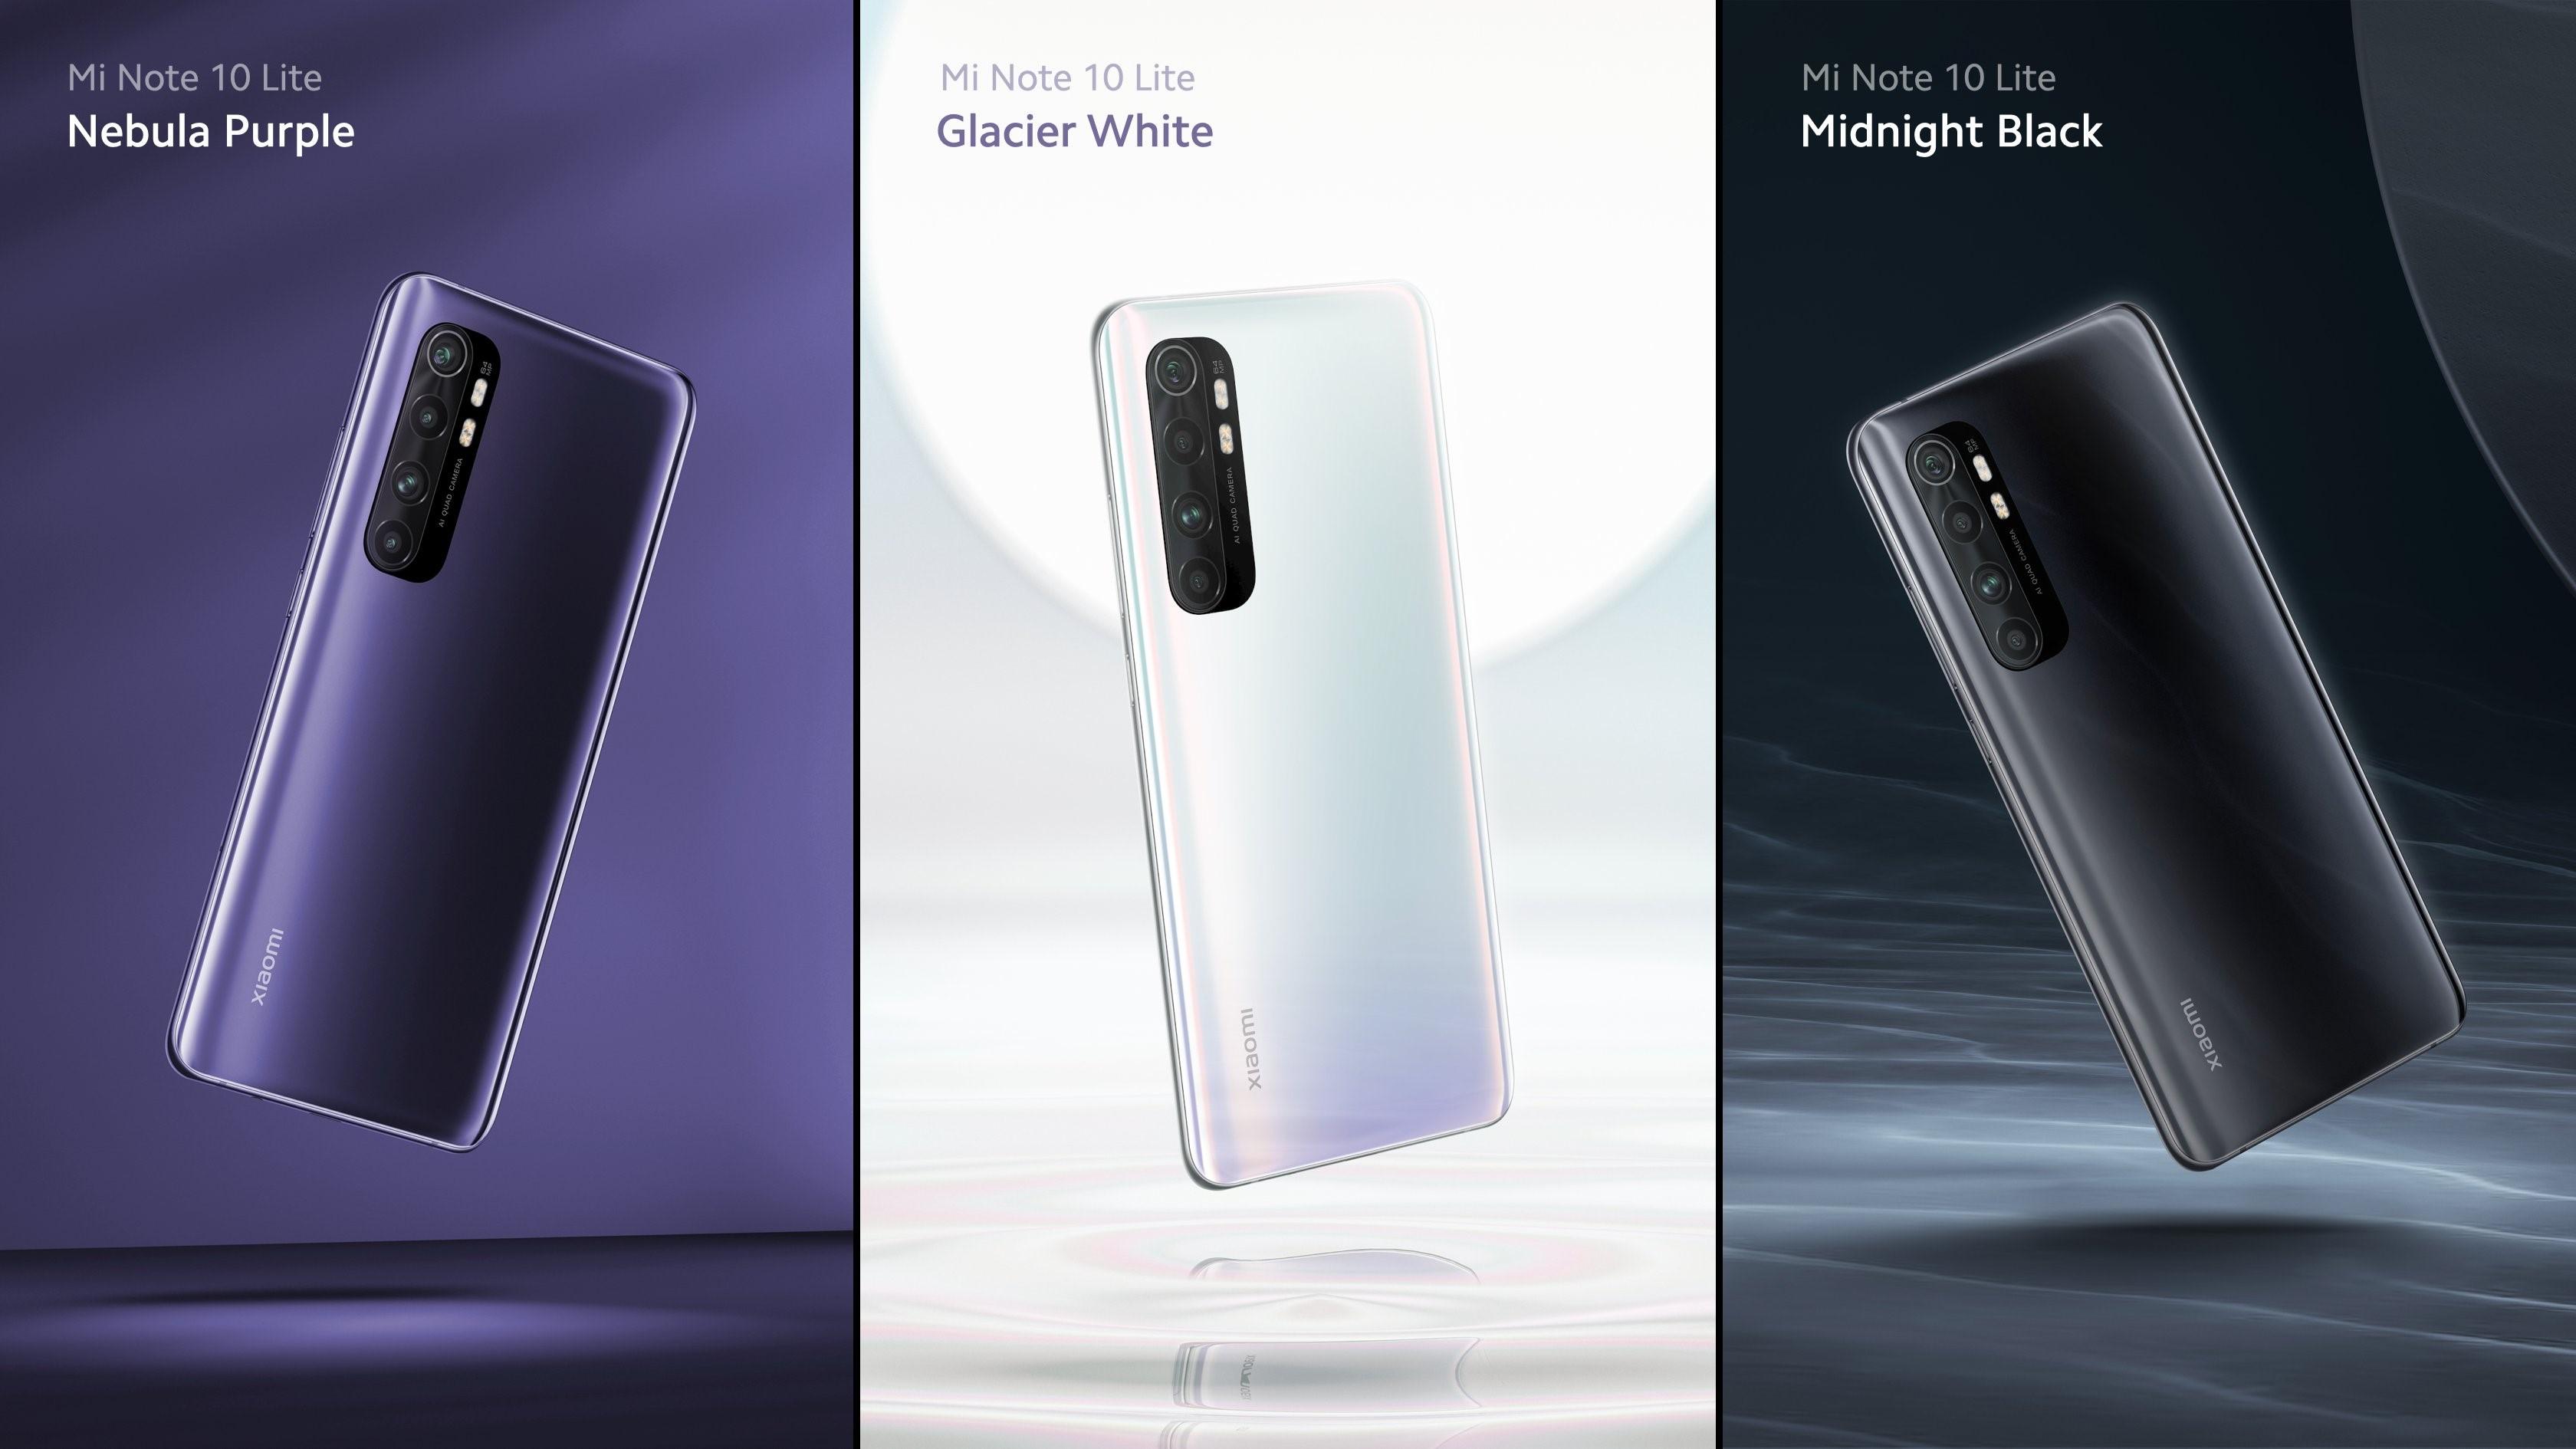 Nowa definicja średniej półki - premiera Xiaomi Mi Note 10 Lite